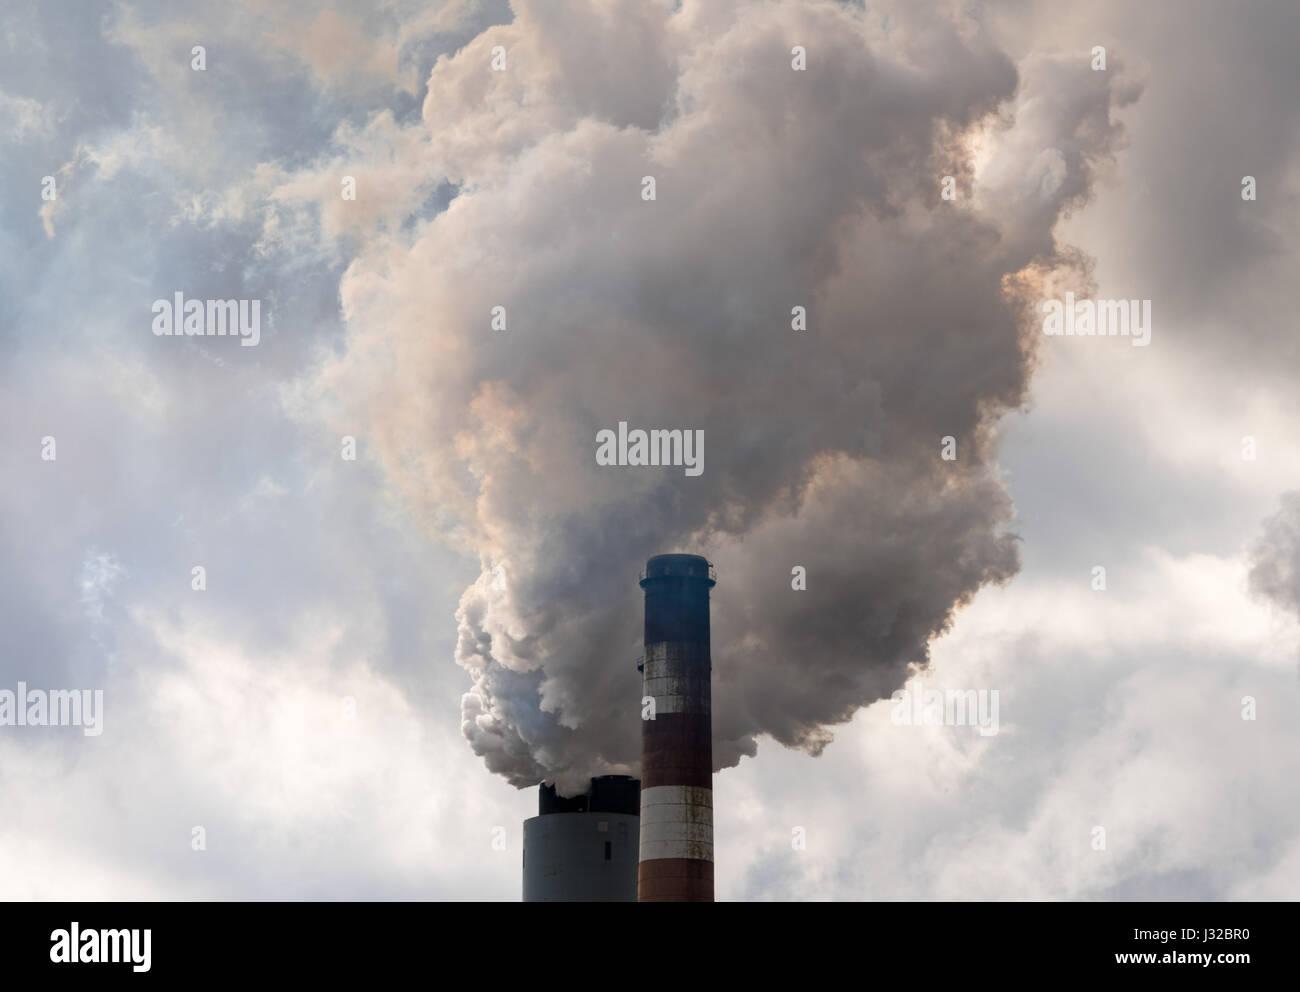 La fumée et la pollution de la cheminée d'une centrale électrique au charbon industiral, USA Photo Stock